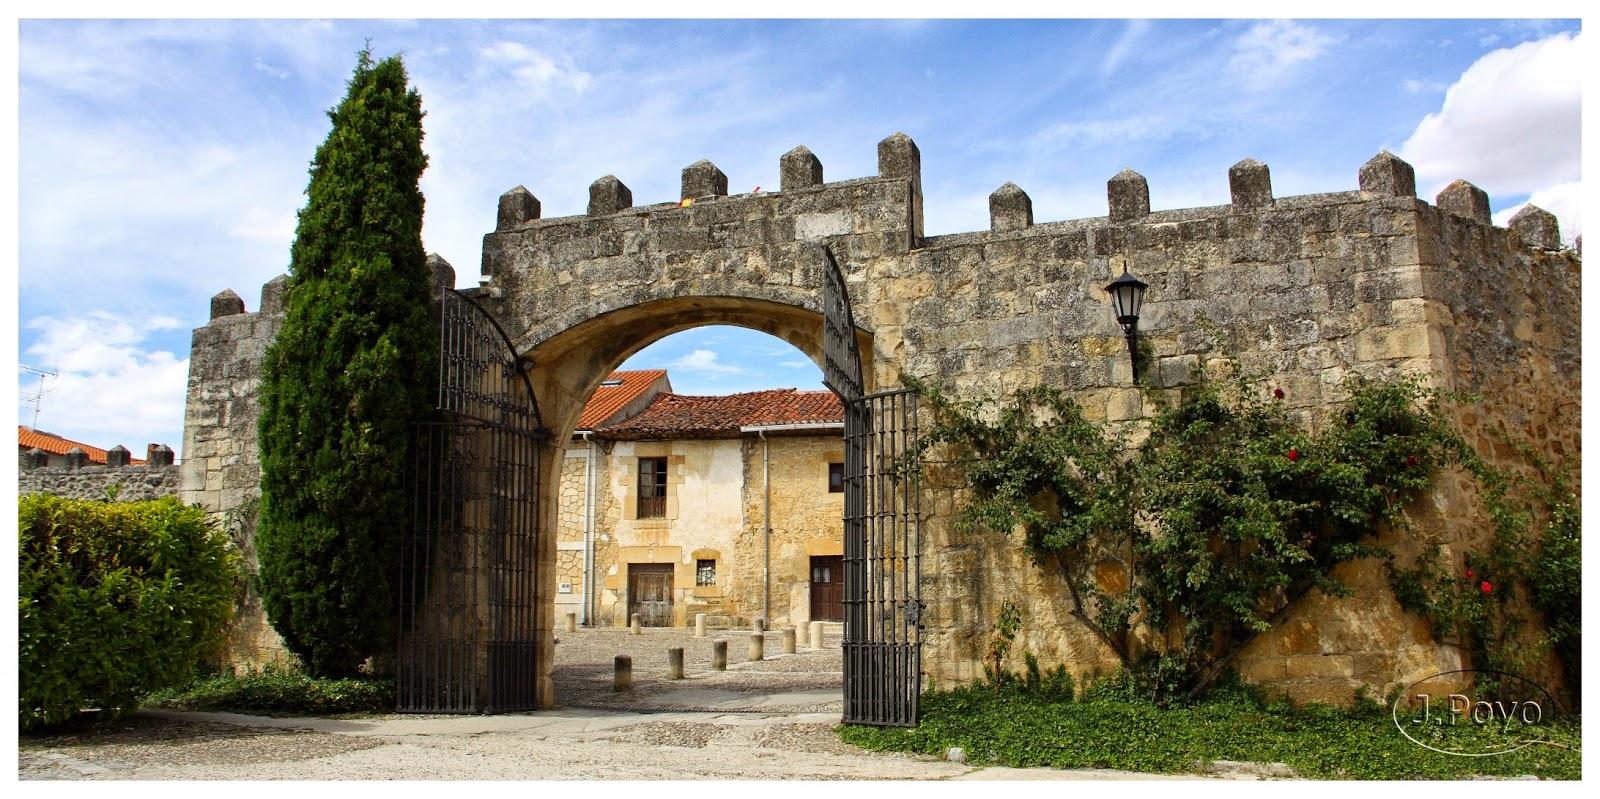 Hospedería de Santo Domingo de Silos